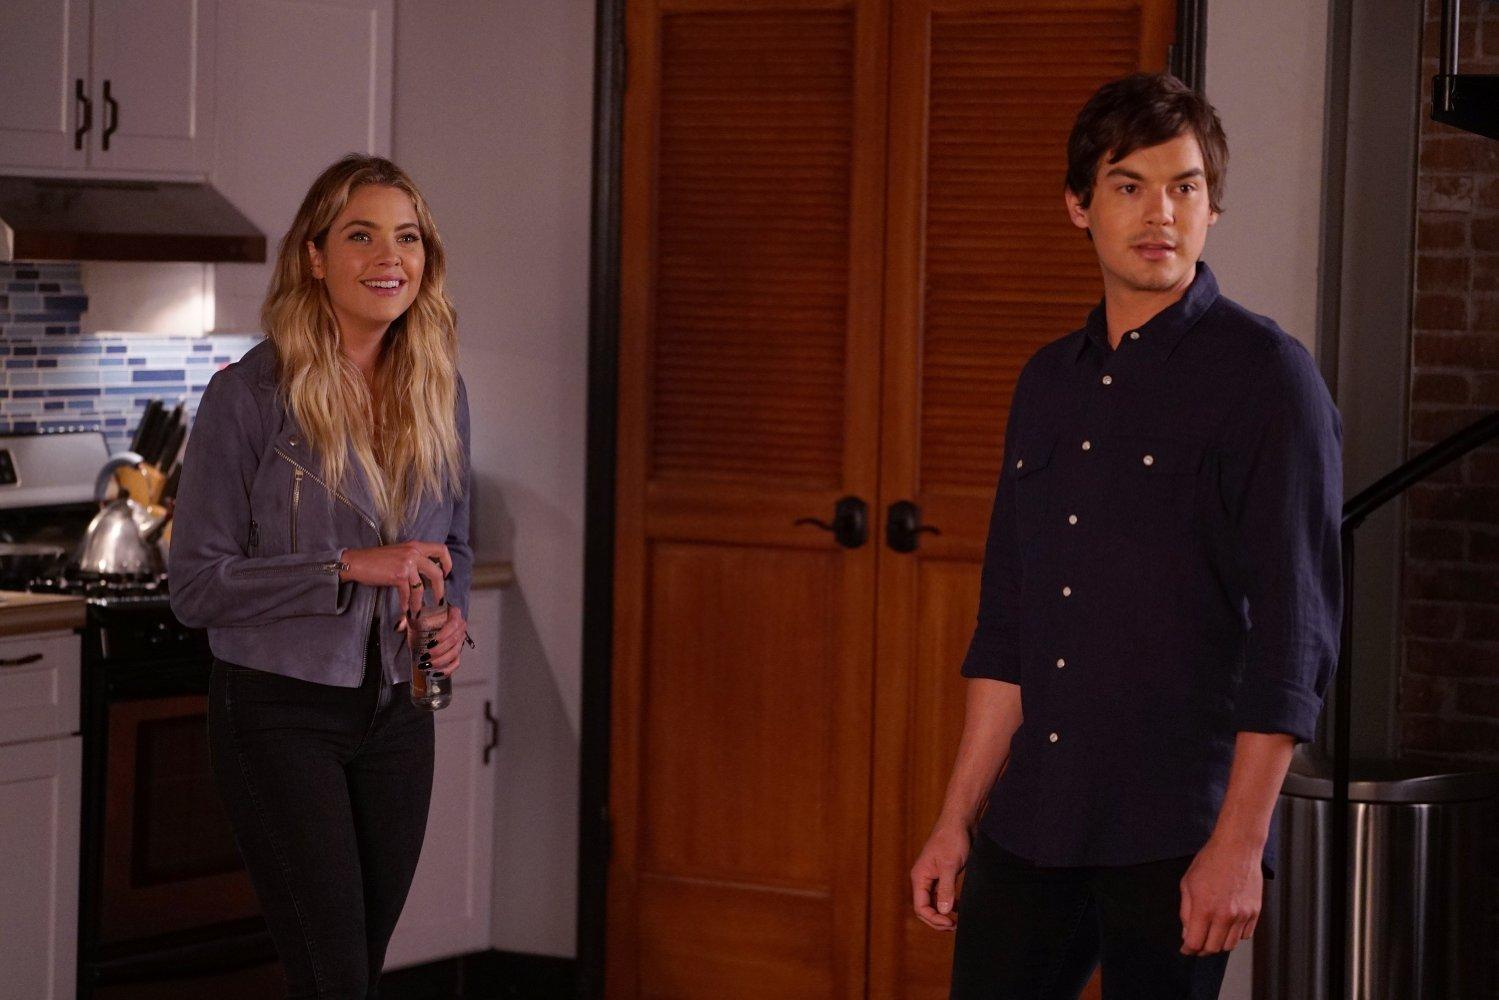 Hannah y Caleb, pareja ya asentada y comprometida en el final de la serie.